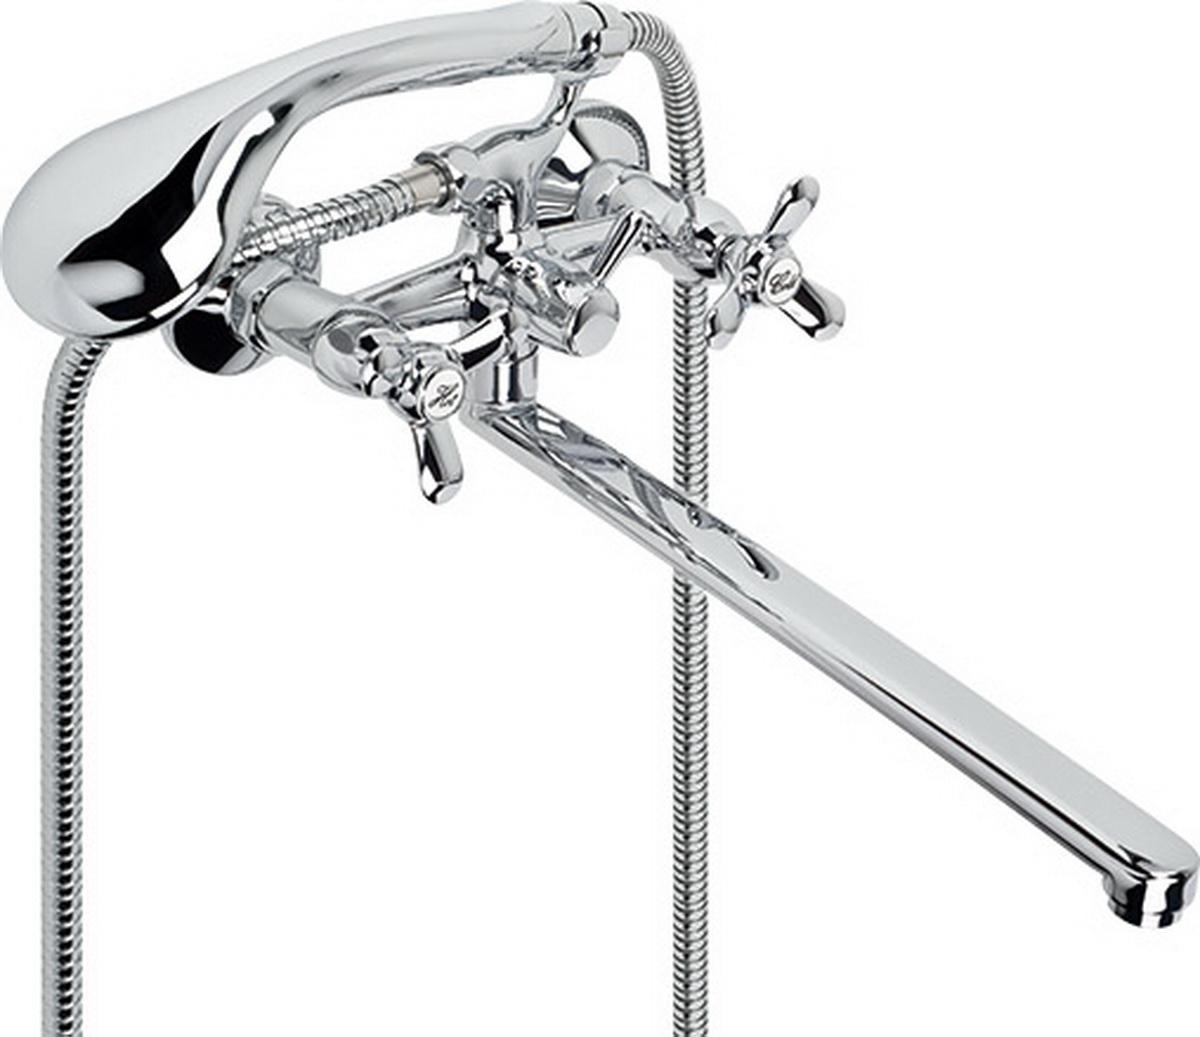 Argo смеситель для ванны и умывальника OMega, 1/2, керамический клапанный, плоский излив 325 мм